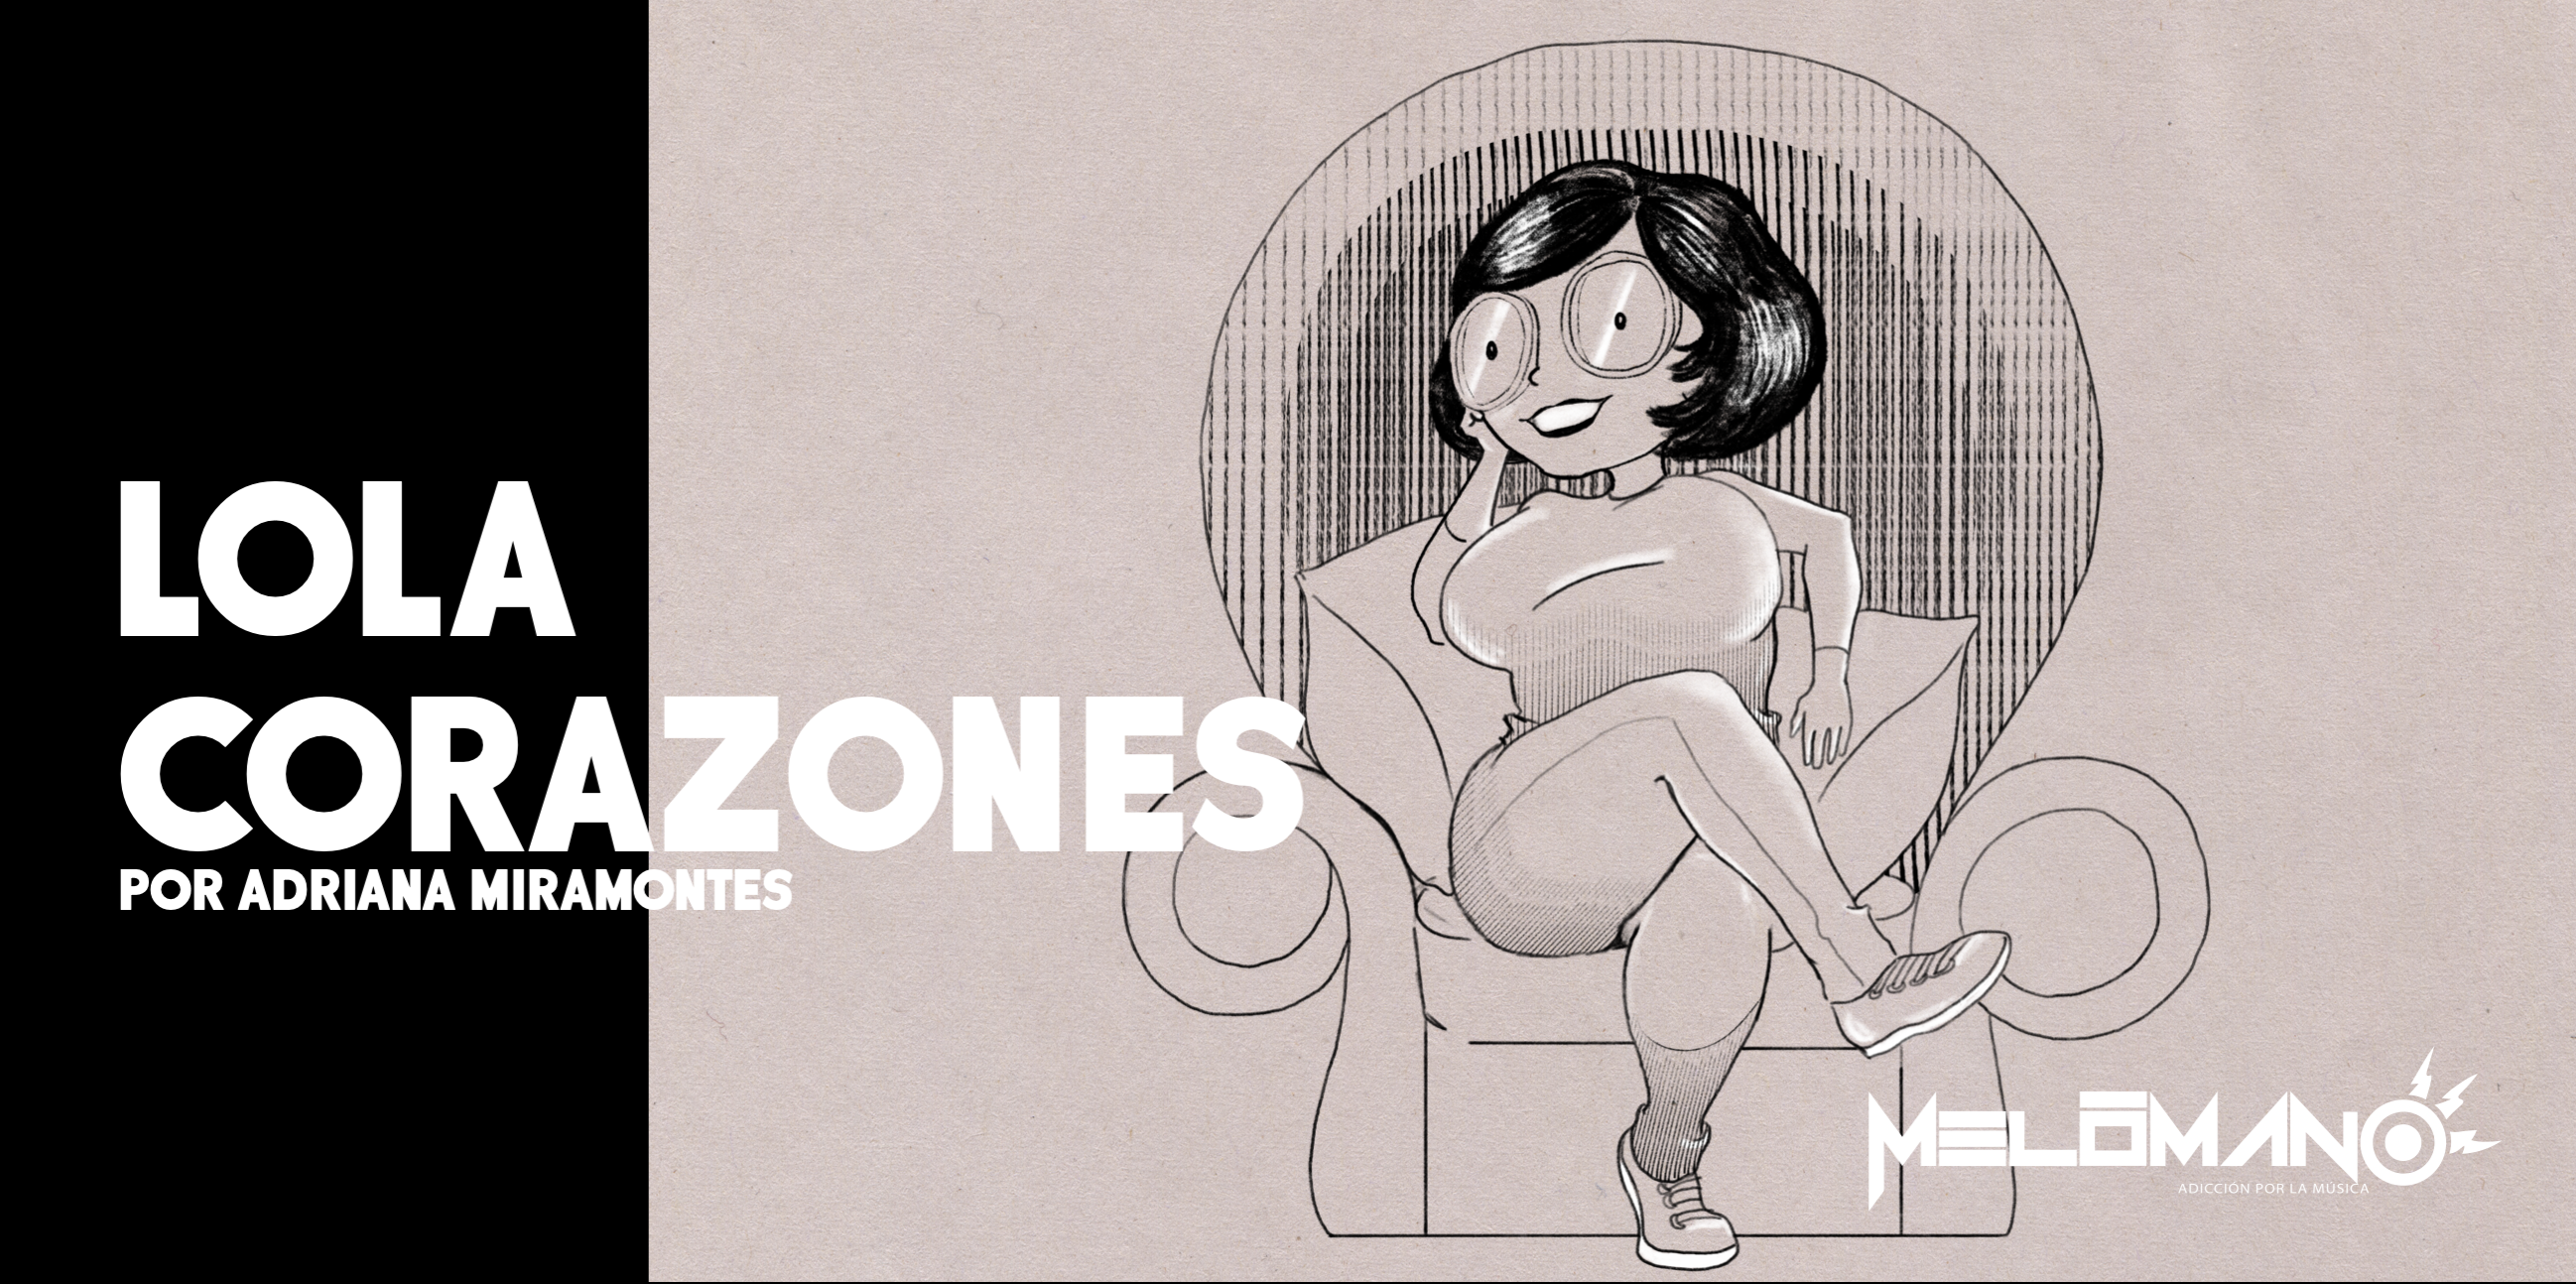 Lola Corazones sentada en un sillón